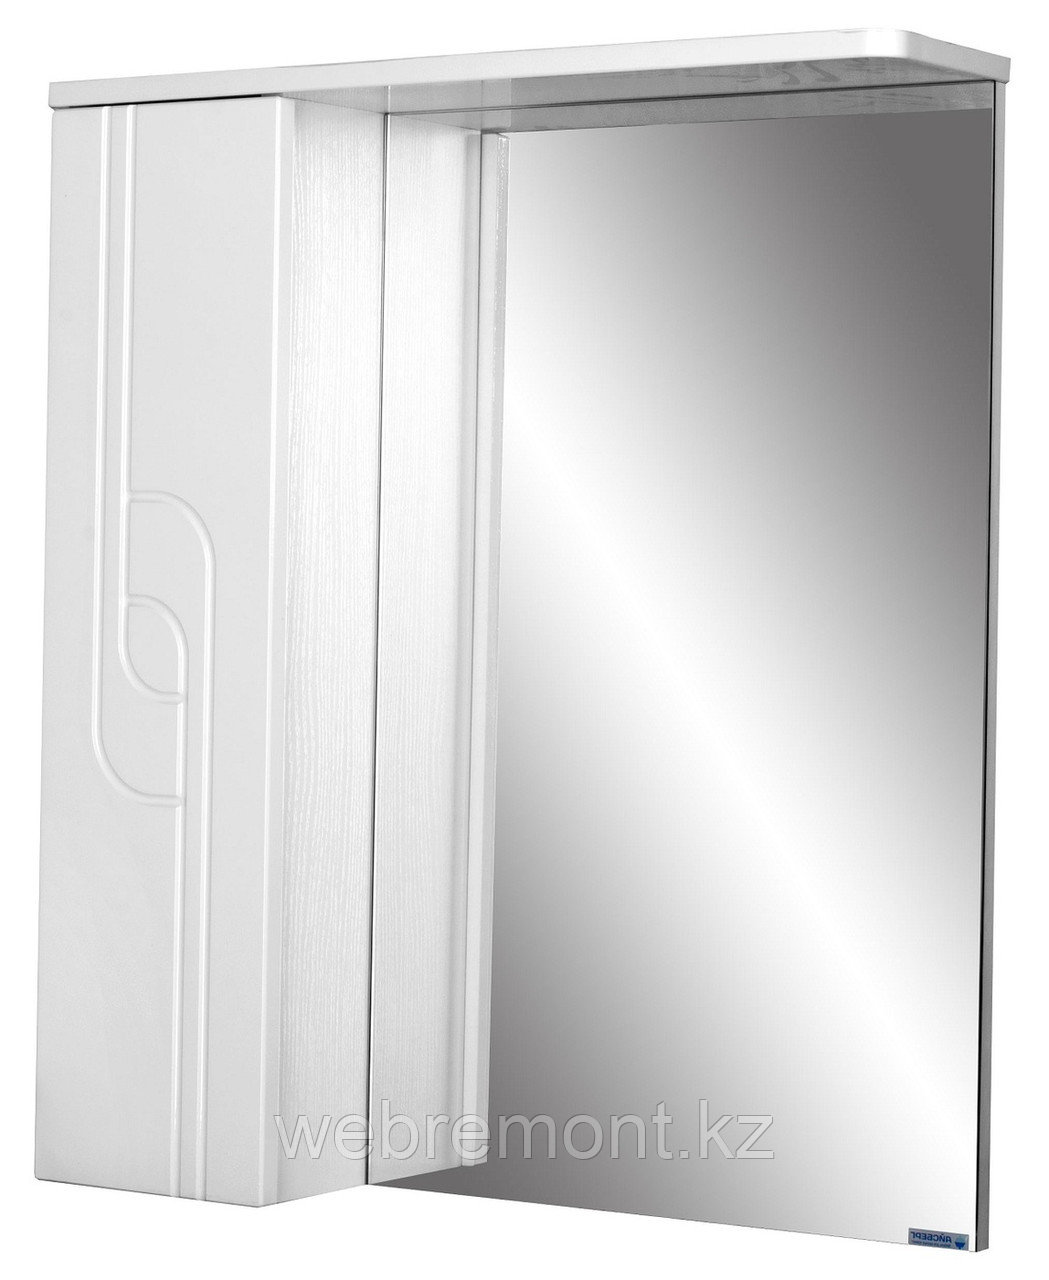 Шкаф-зеркало Лилия 60 левый  АЙСБЕРГ